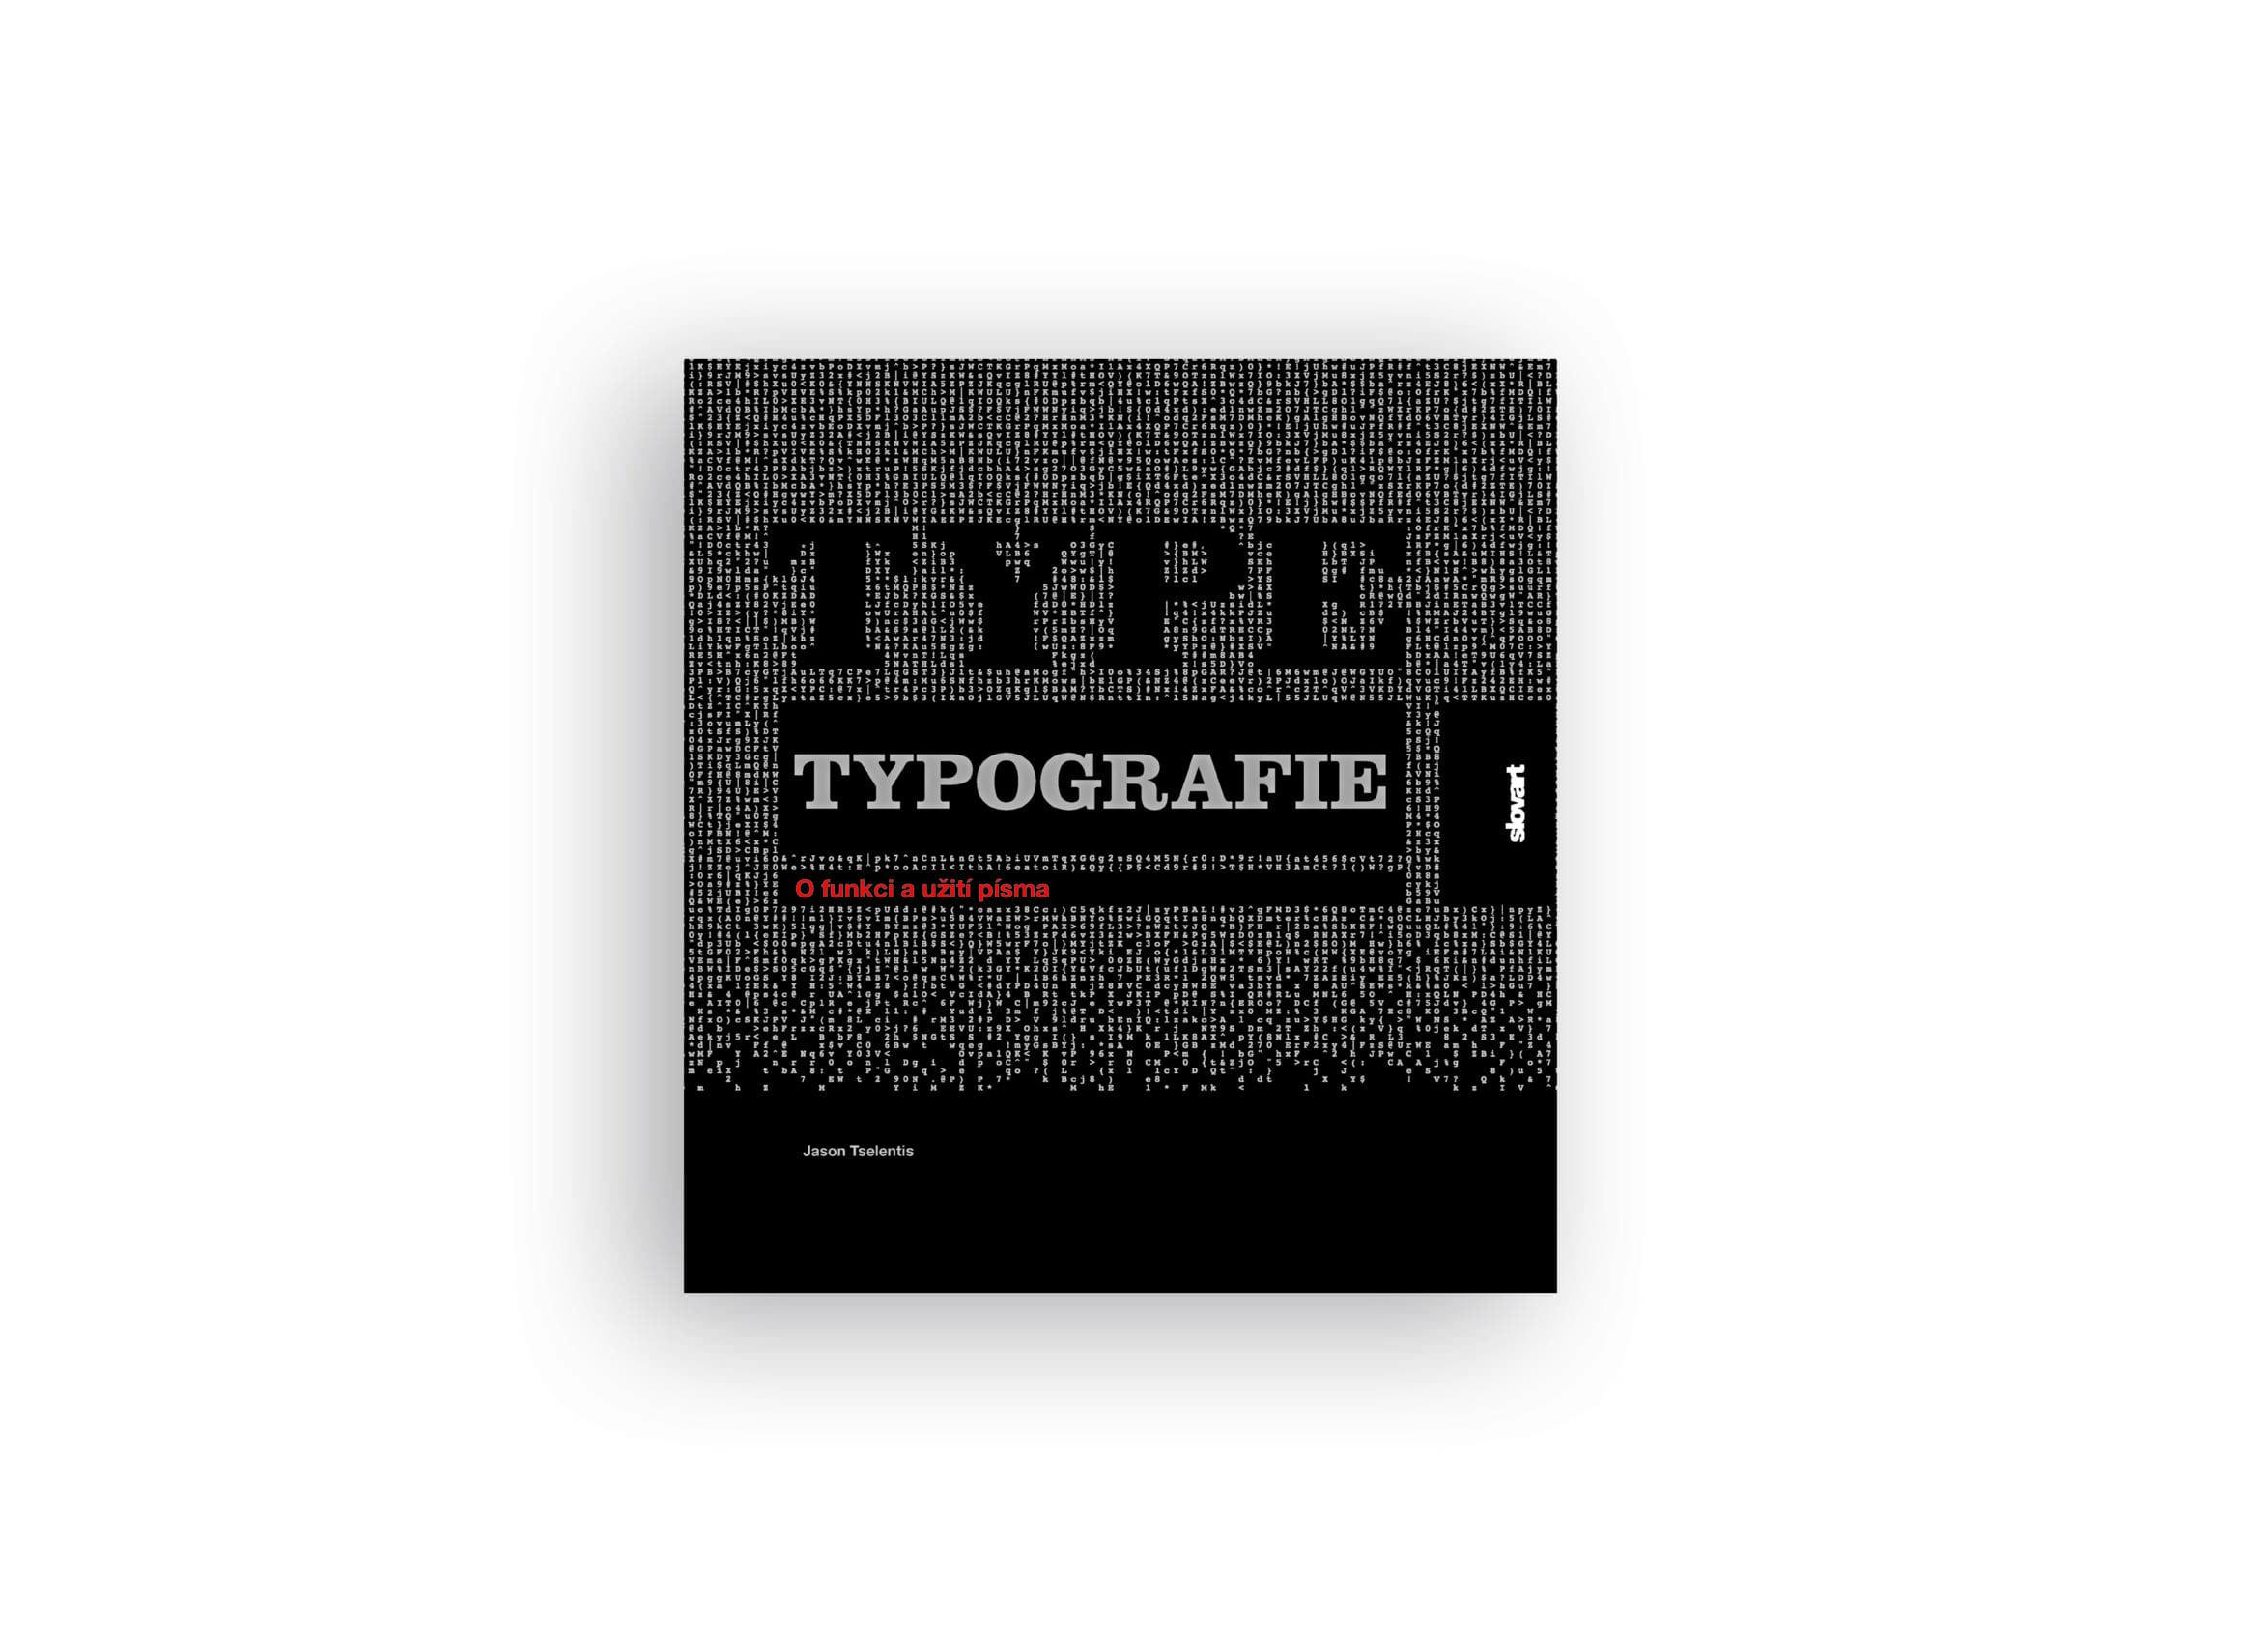 typografie - Súťaž pre odberateľov newsletteru – víťaz